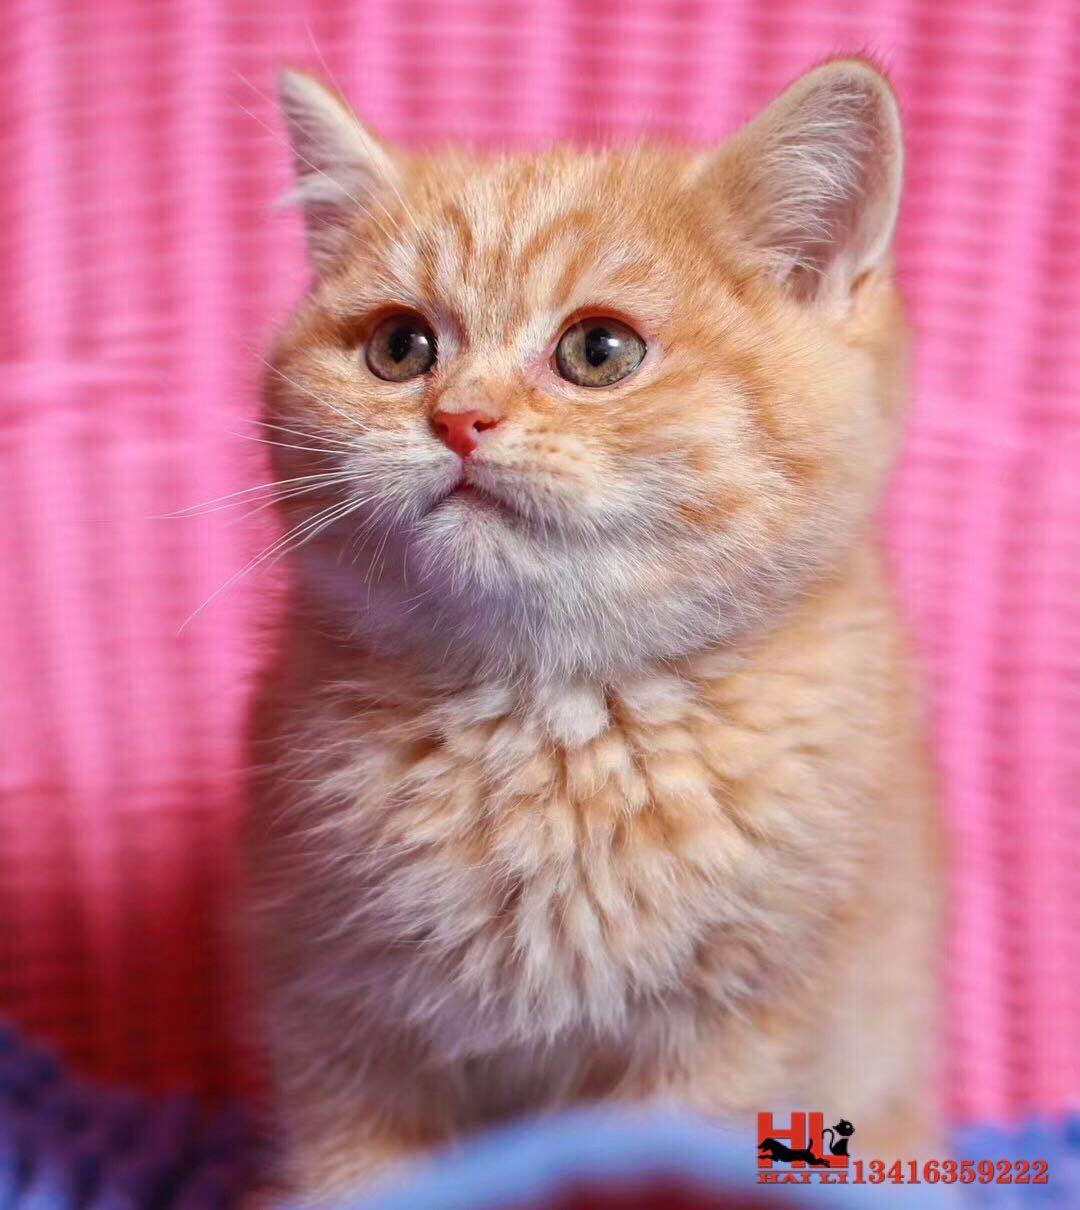 香港中华田园猫多少钱 香港橘猫价格多少